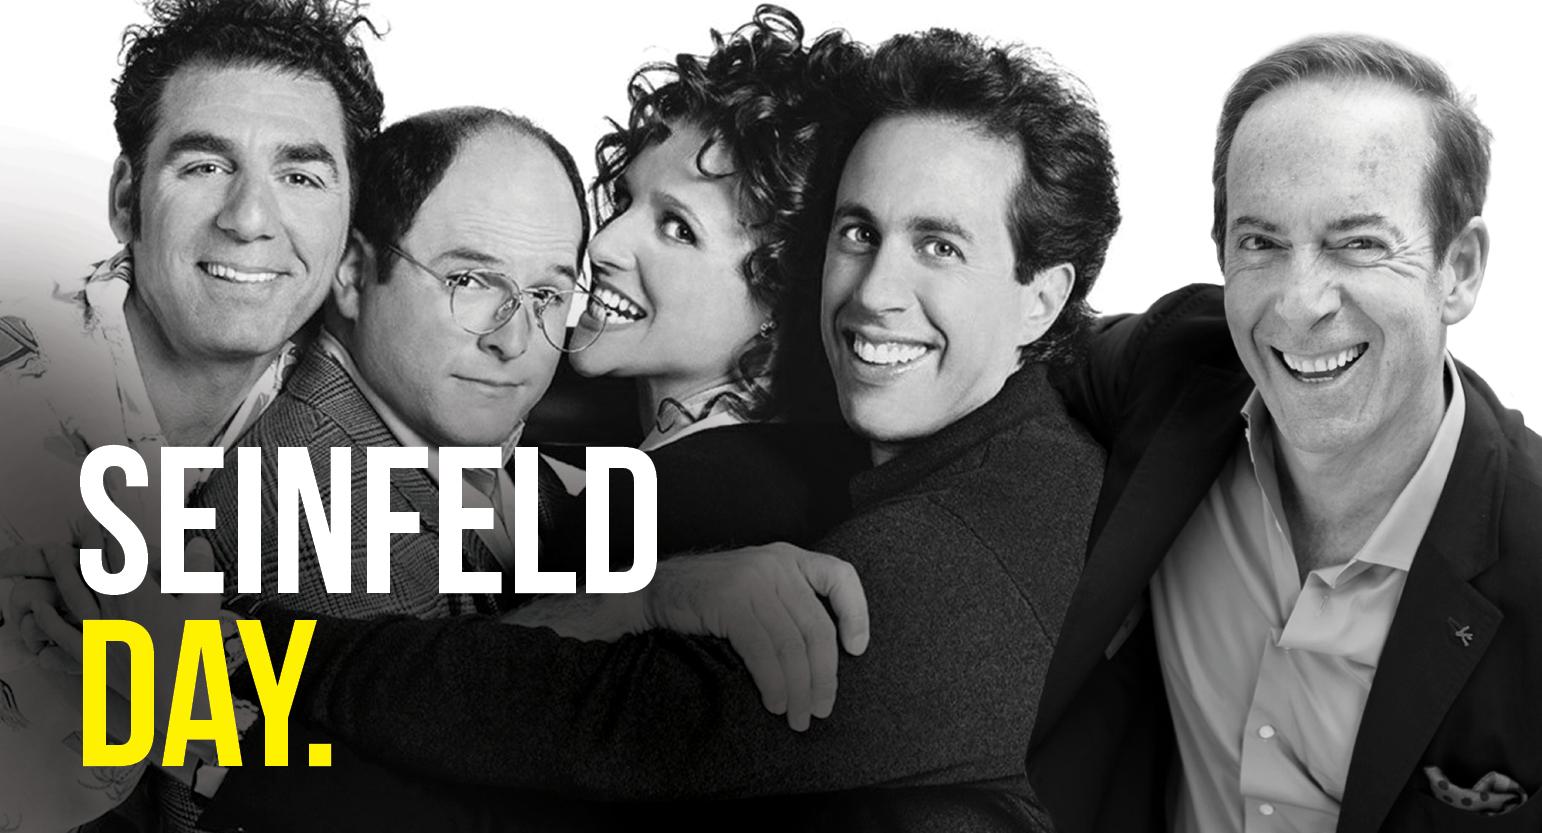 SeinfeldDay_WebImage_040617_FINAL.jpg